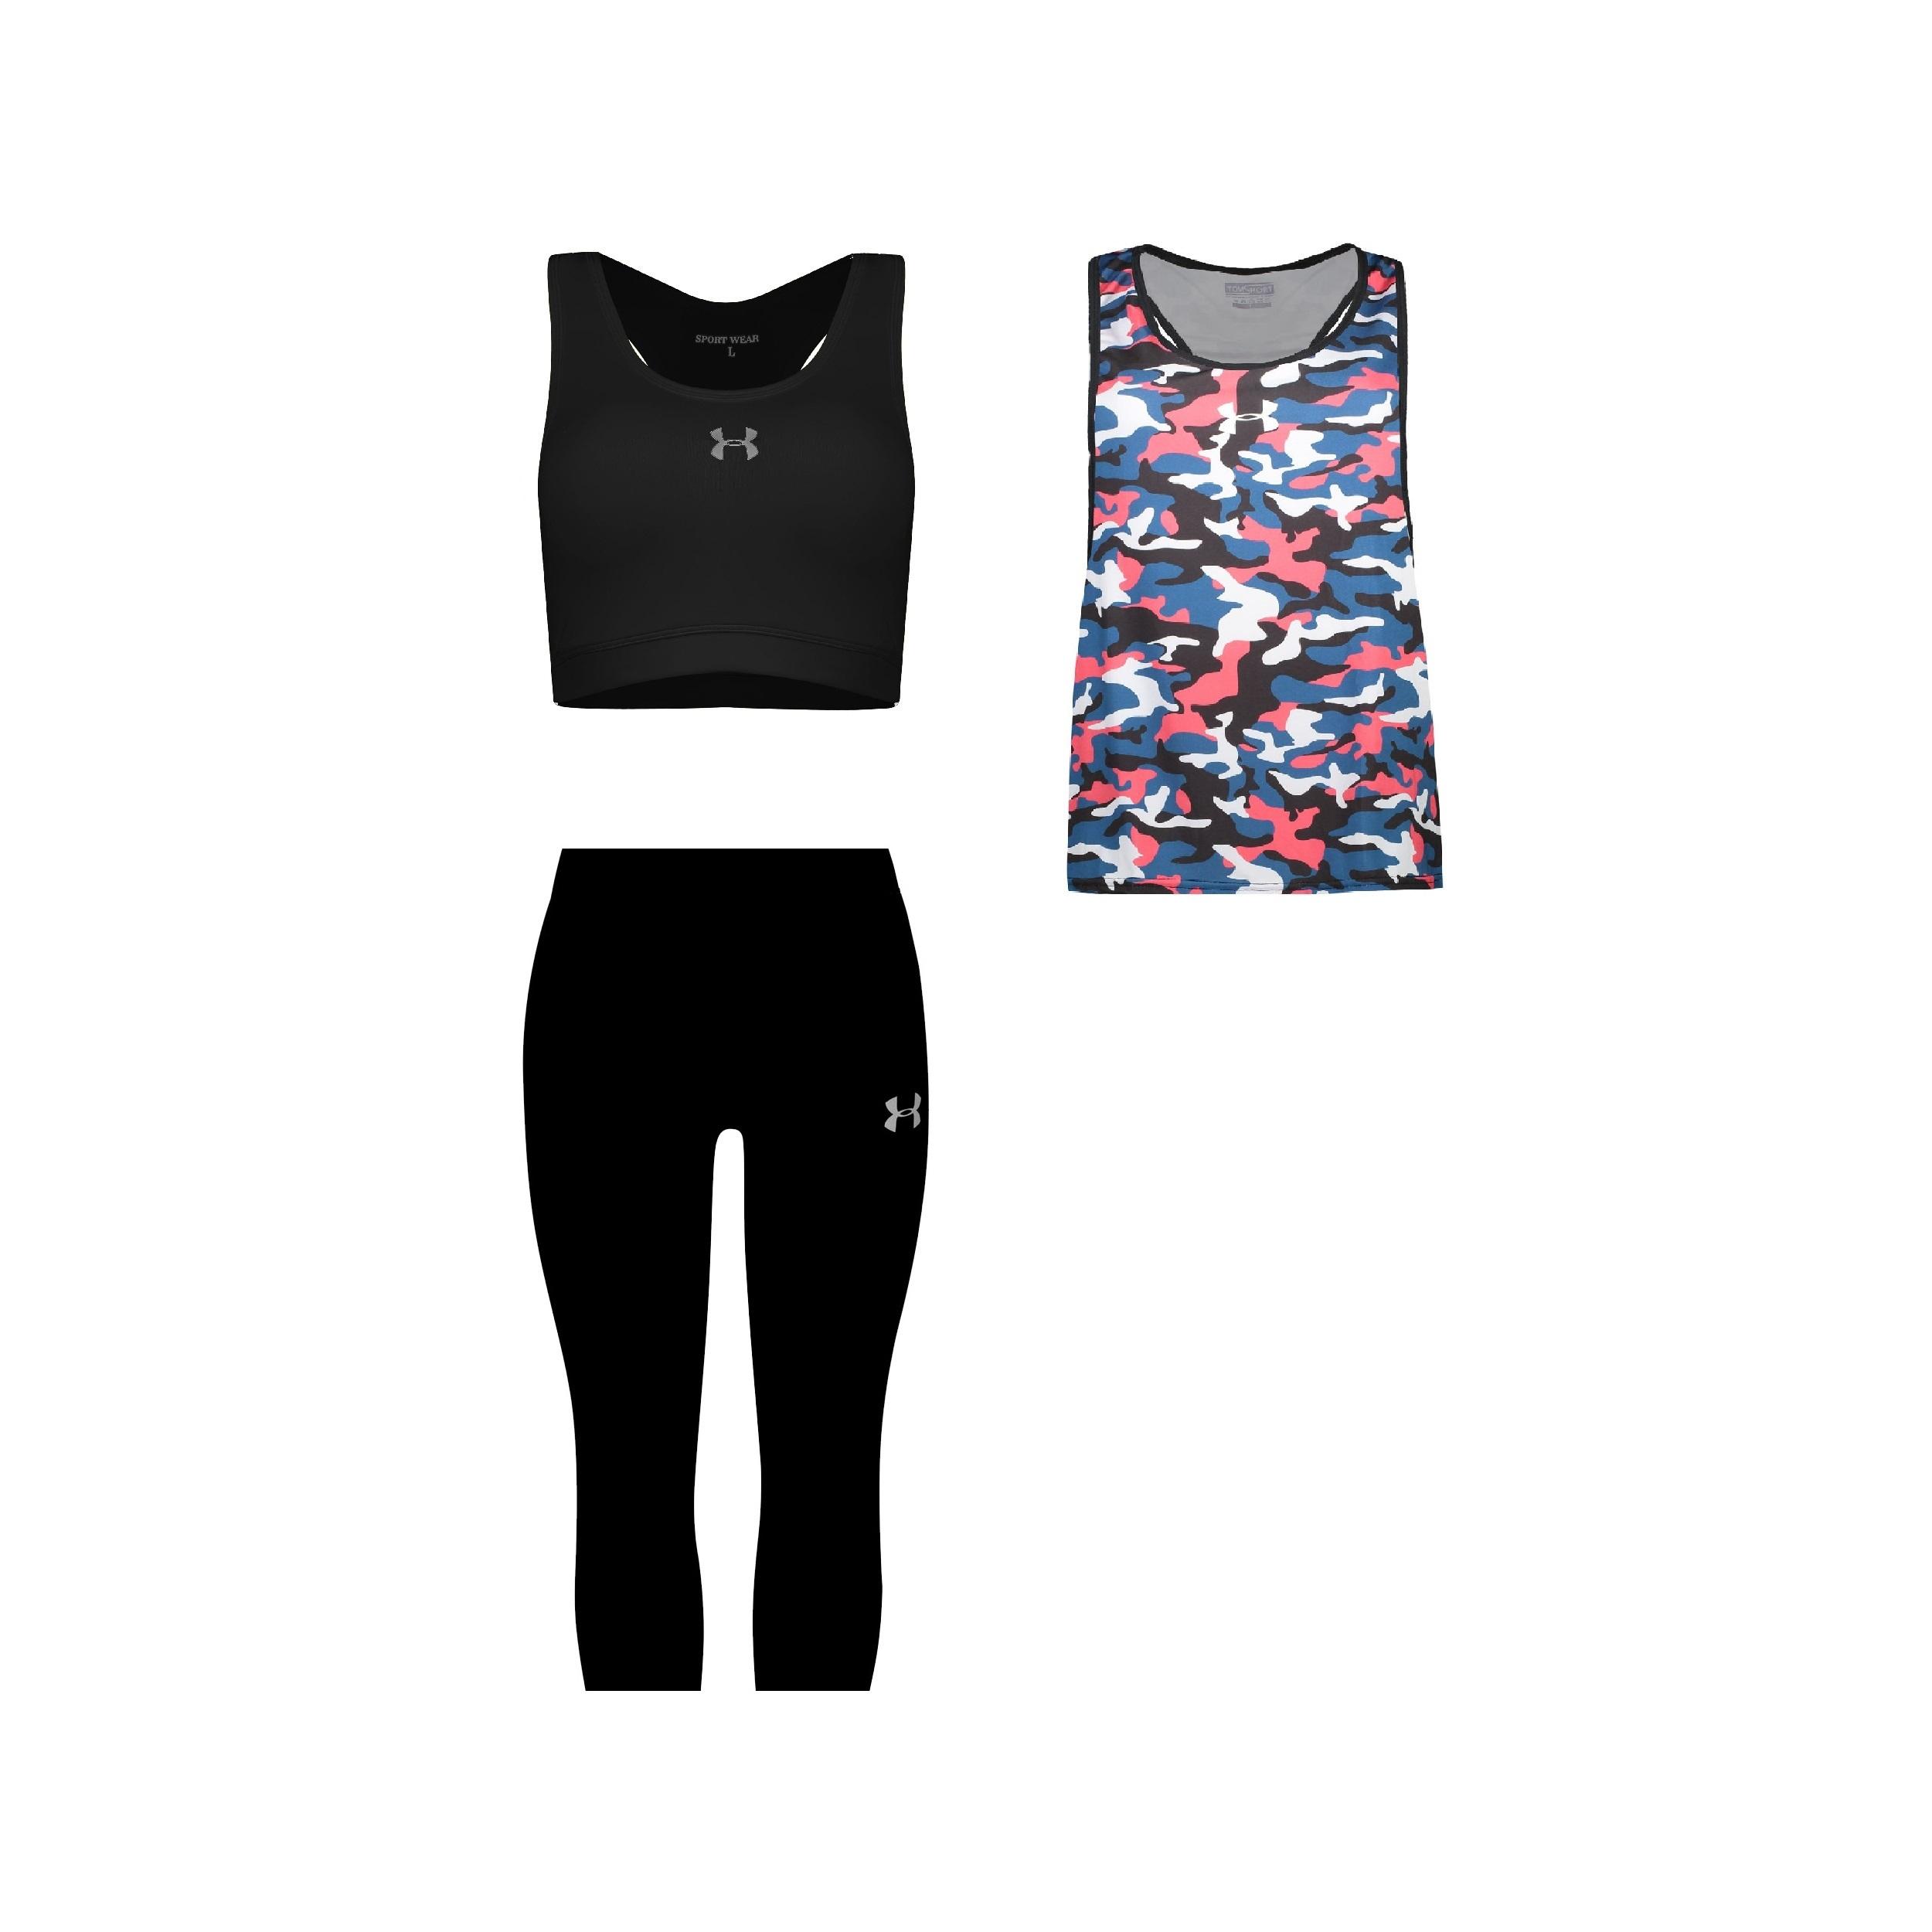 ست 3 تکه لباس ورزشی زنانه کد 580102